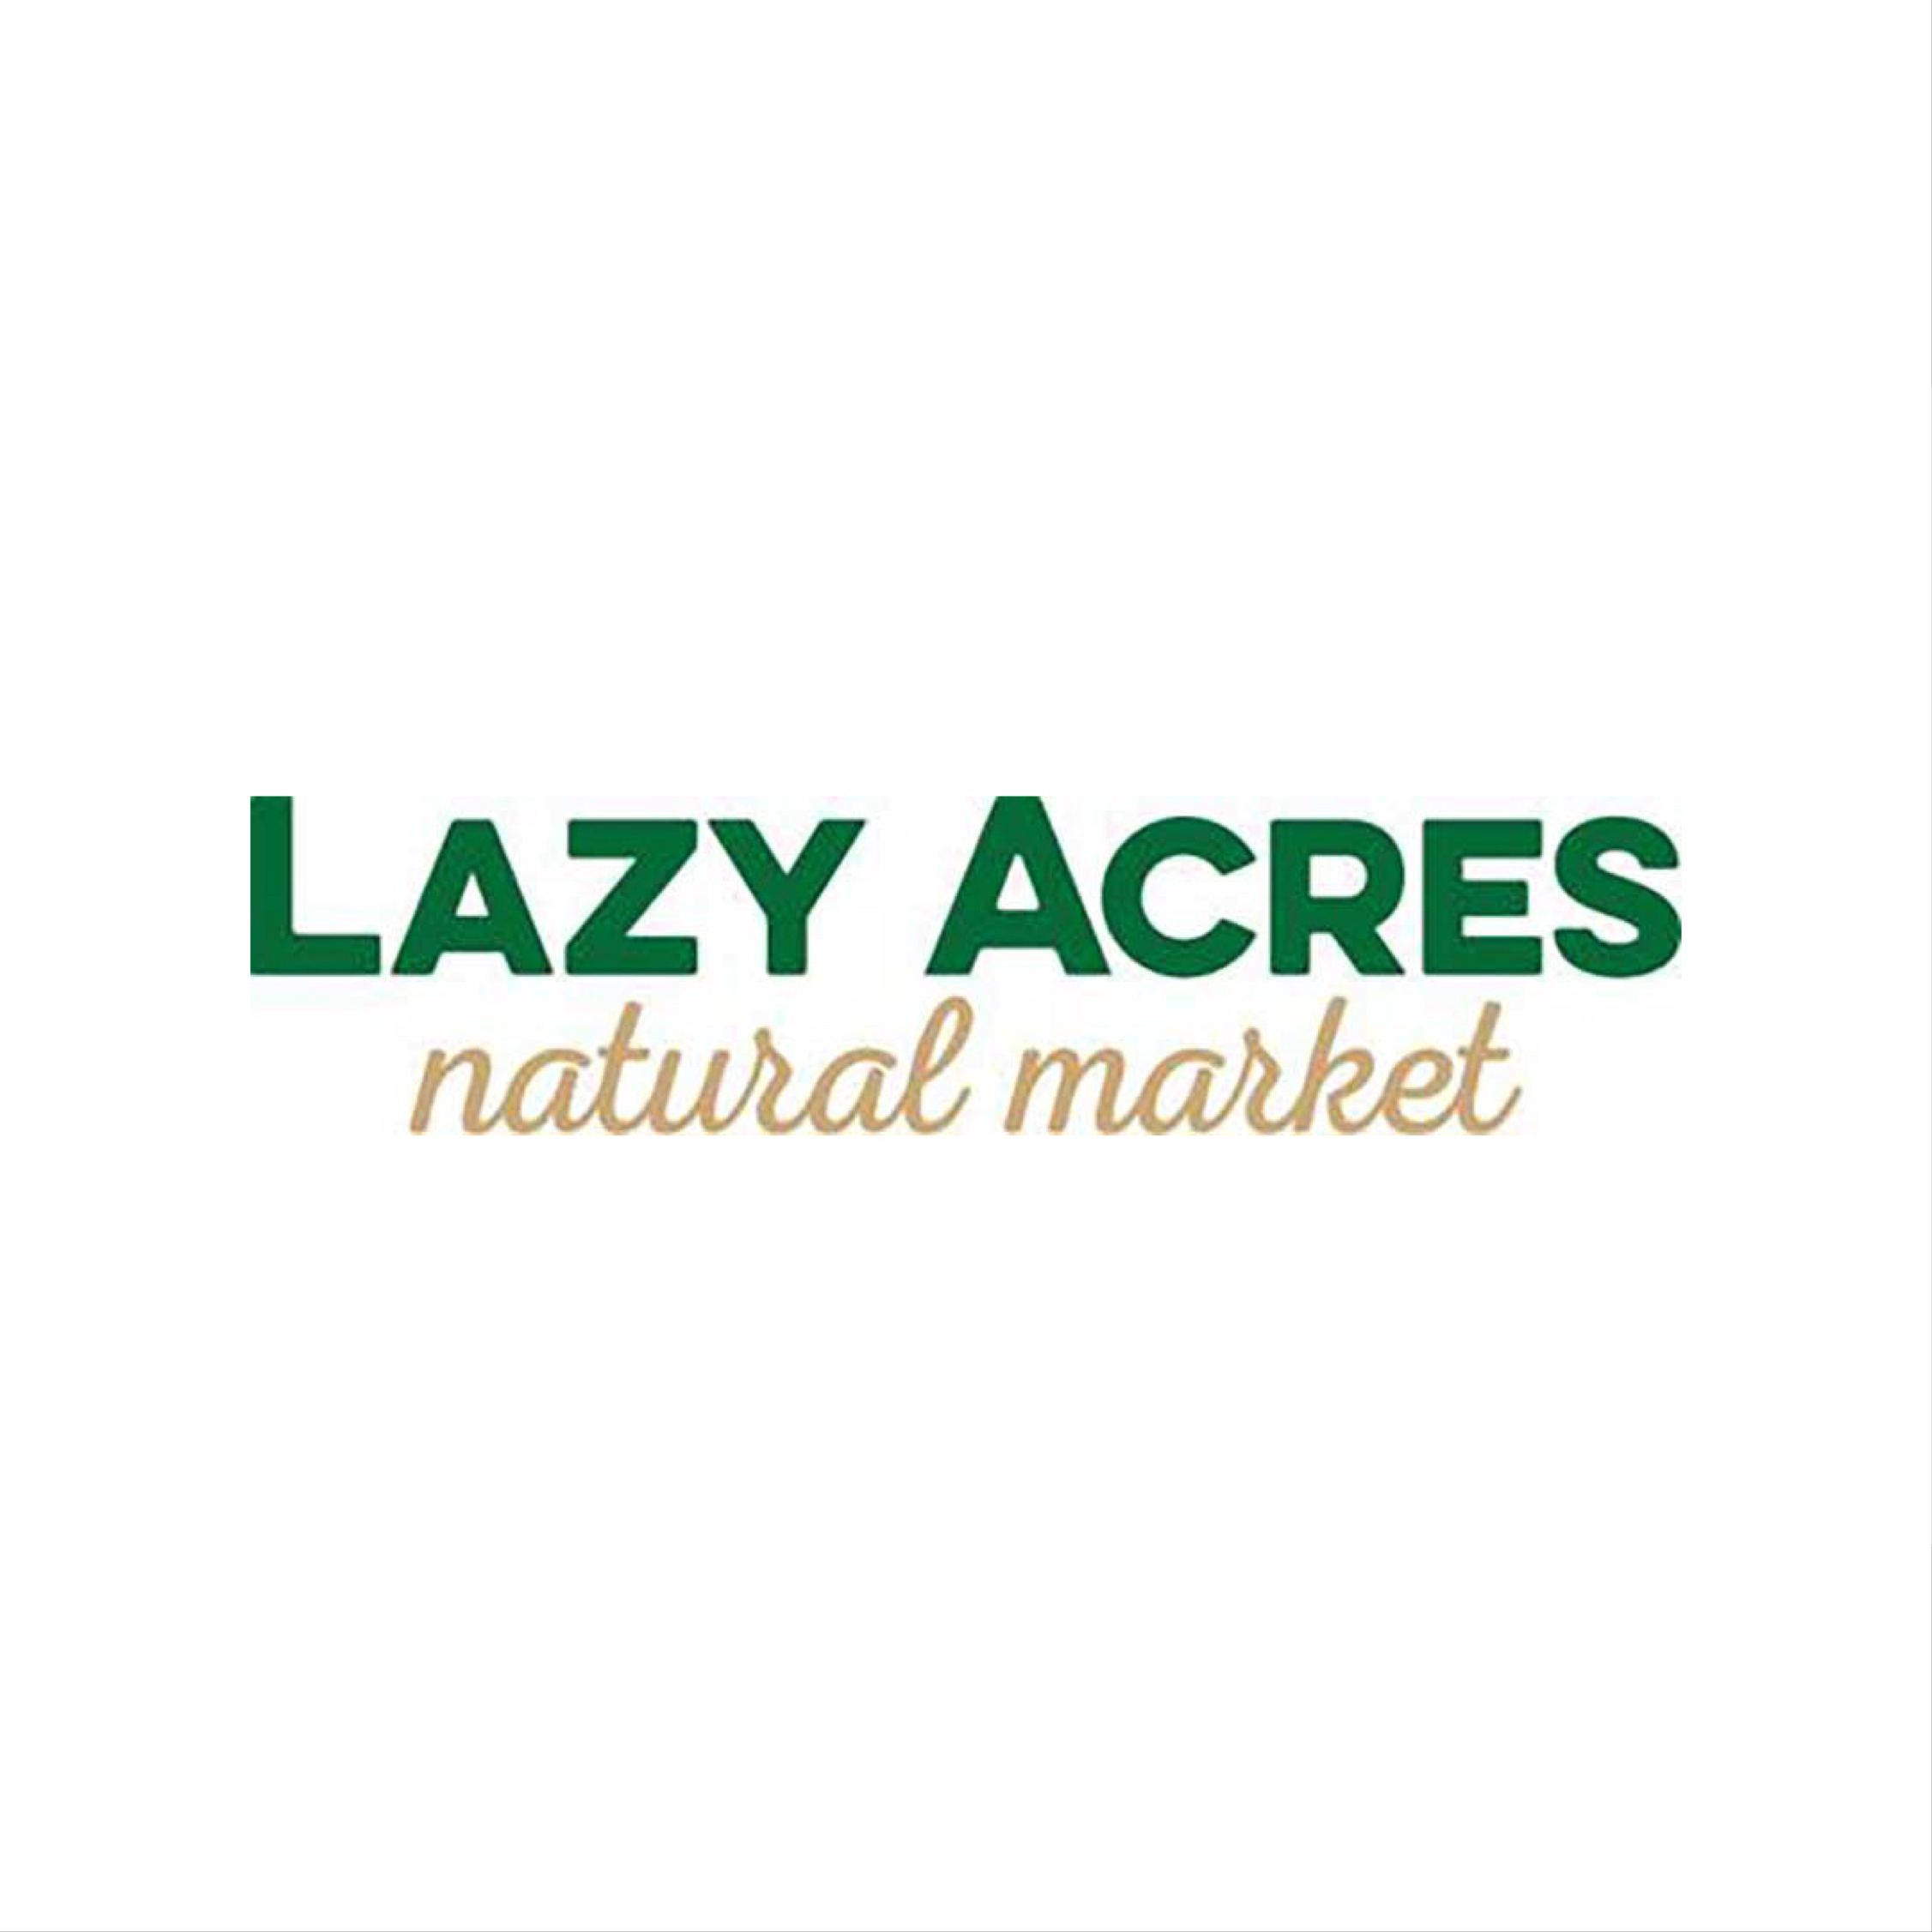 lazyacres